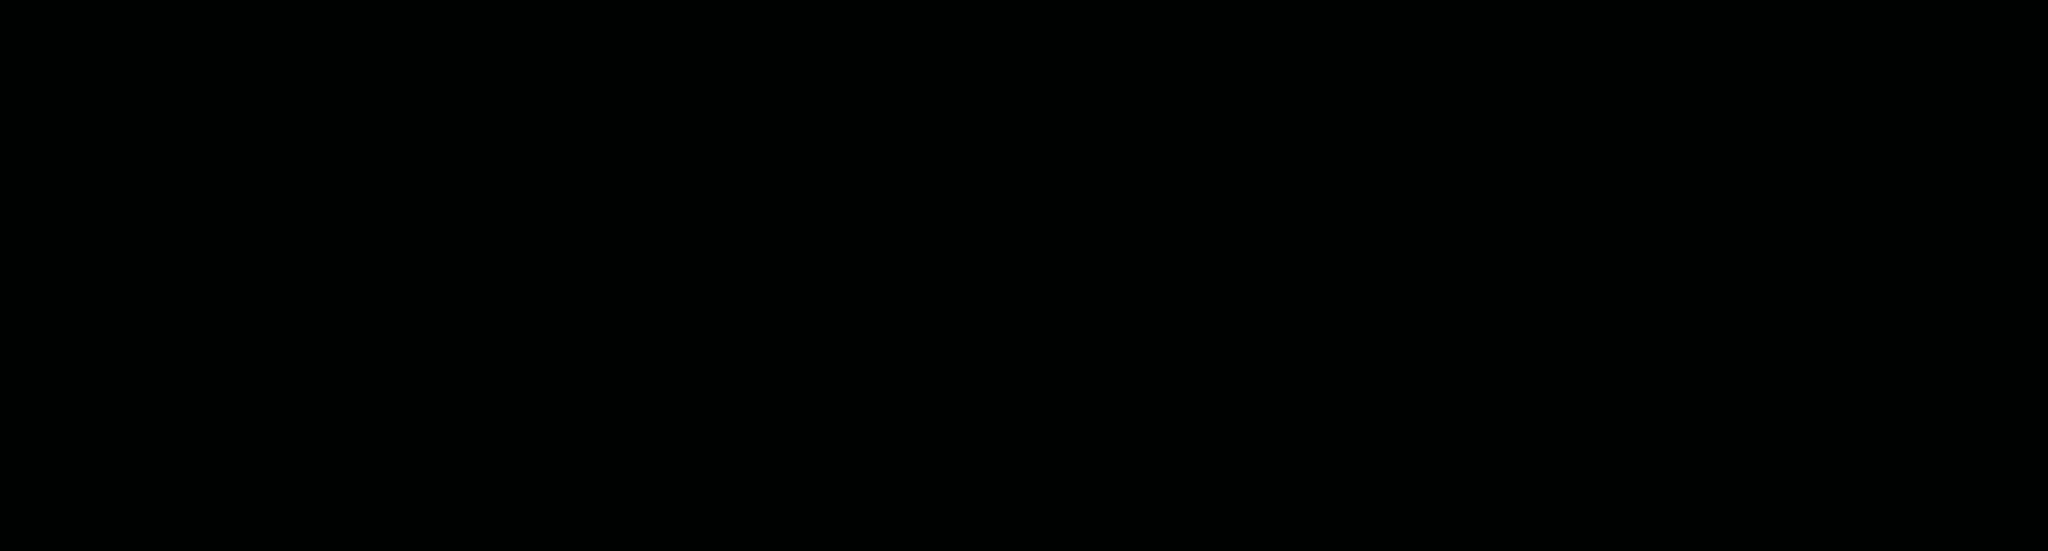 Bonnier News Local